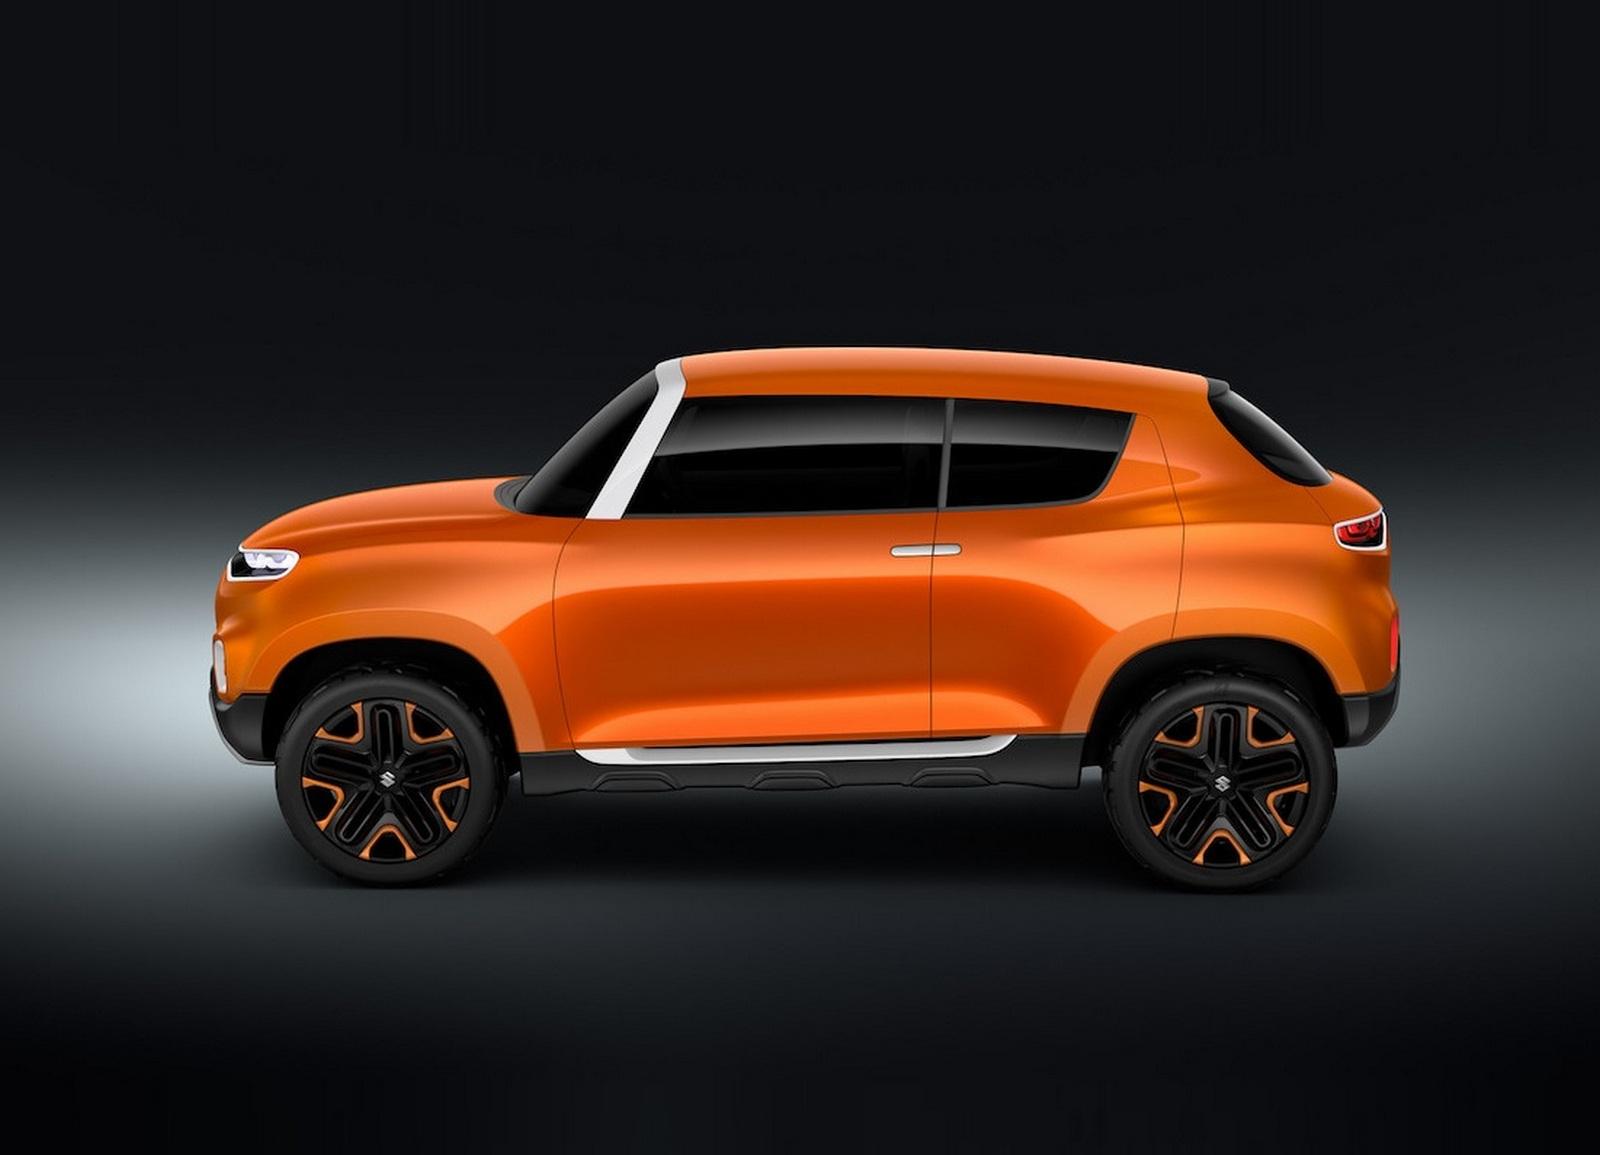 У Suzuki будет новый хэтч и компактный кроссовер